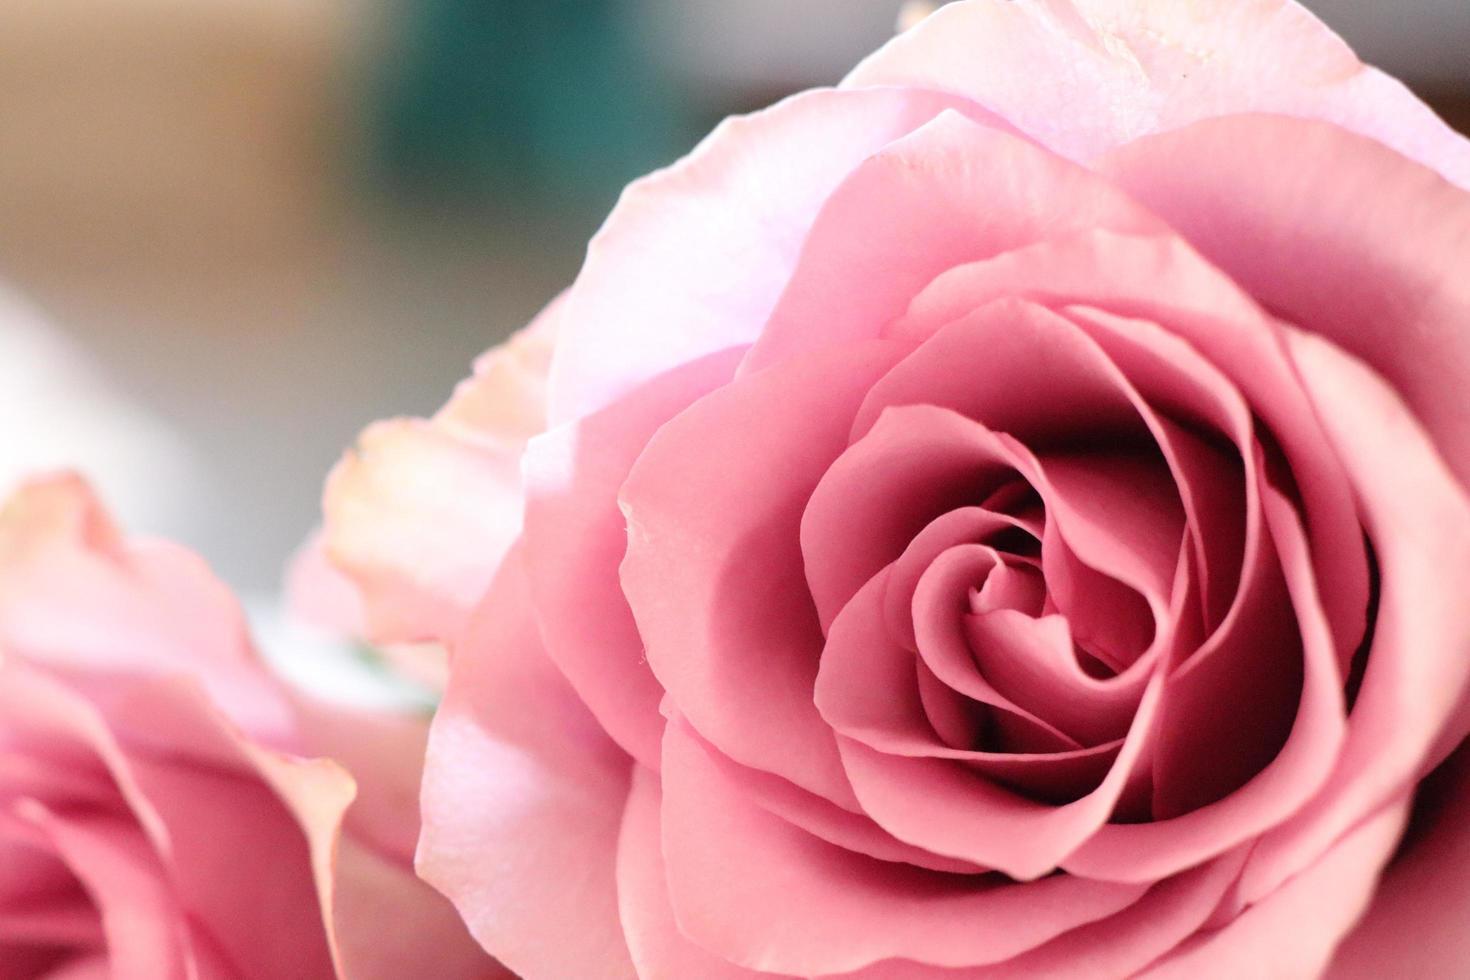 roze steeg dicht foto